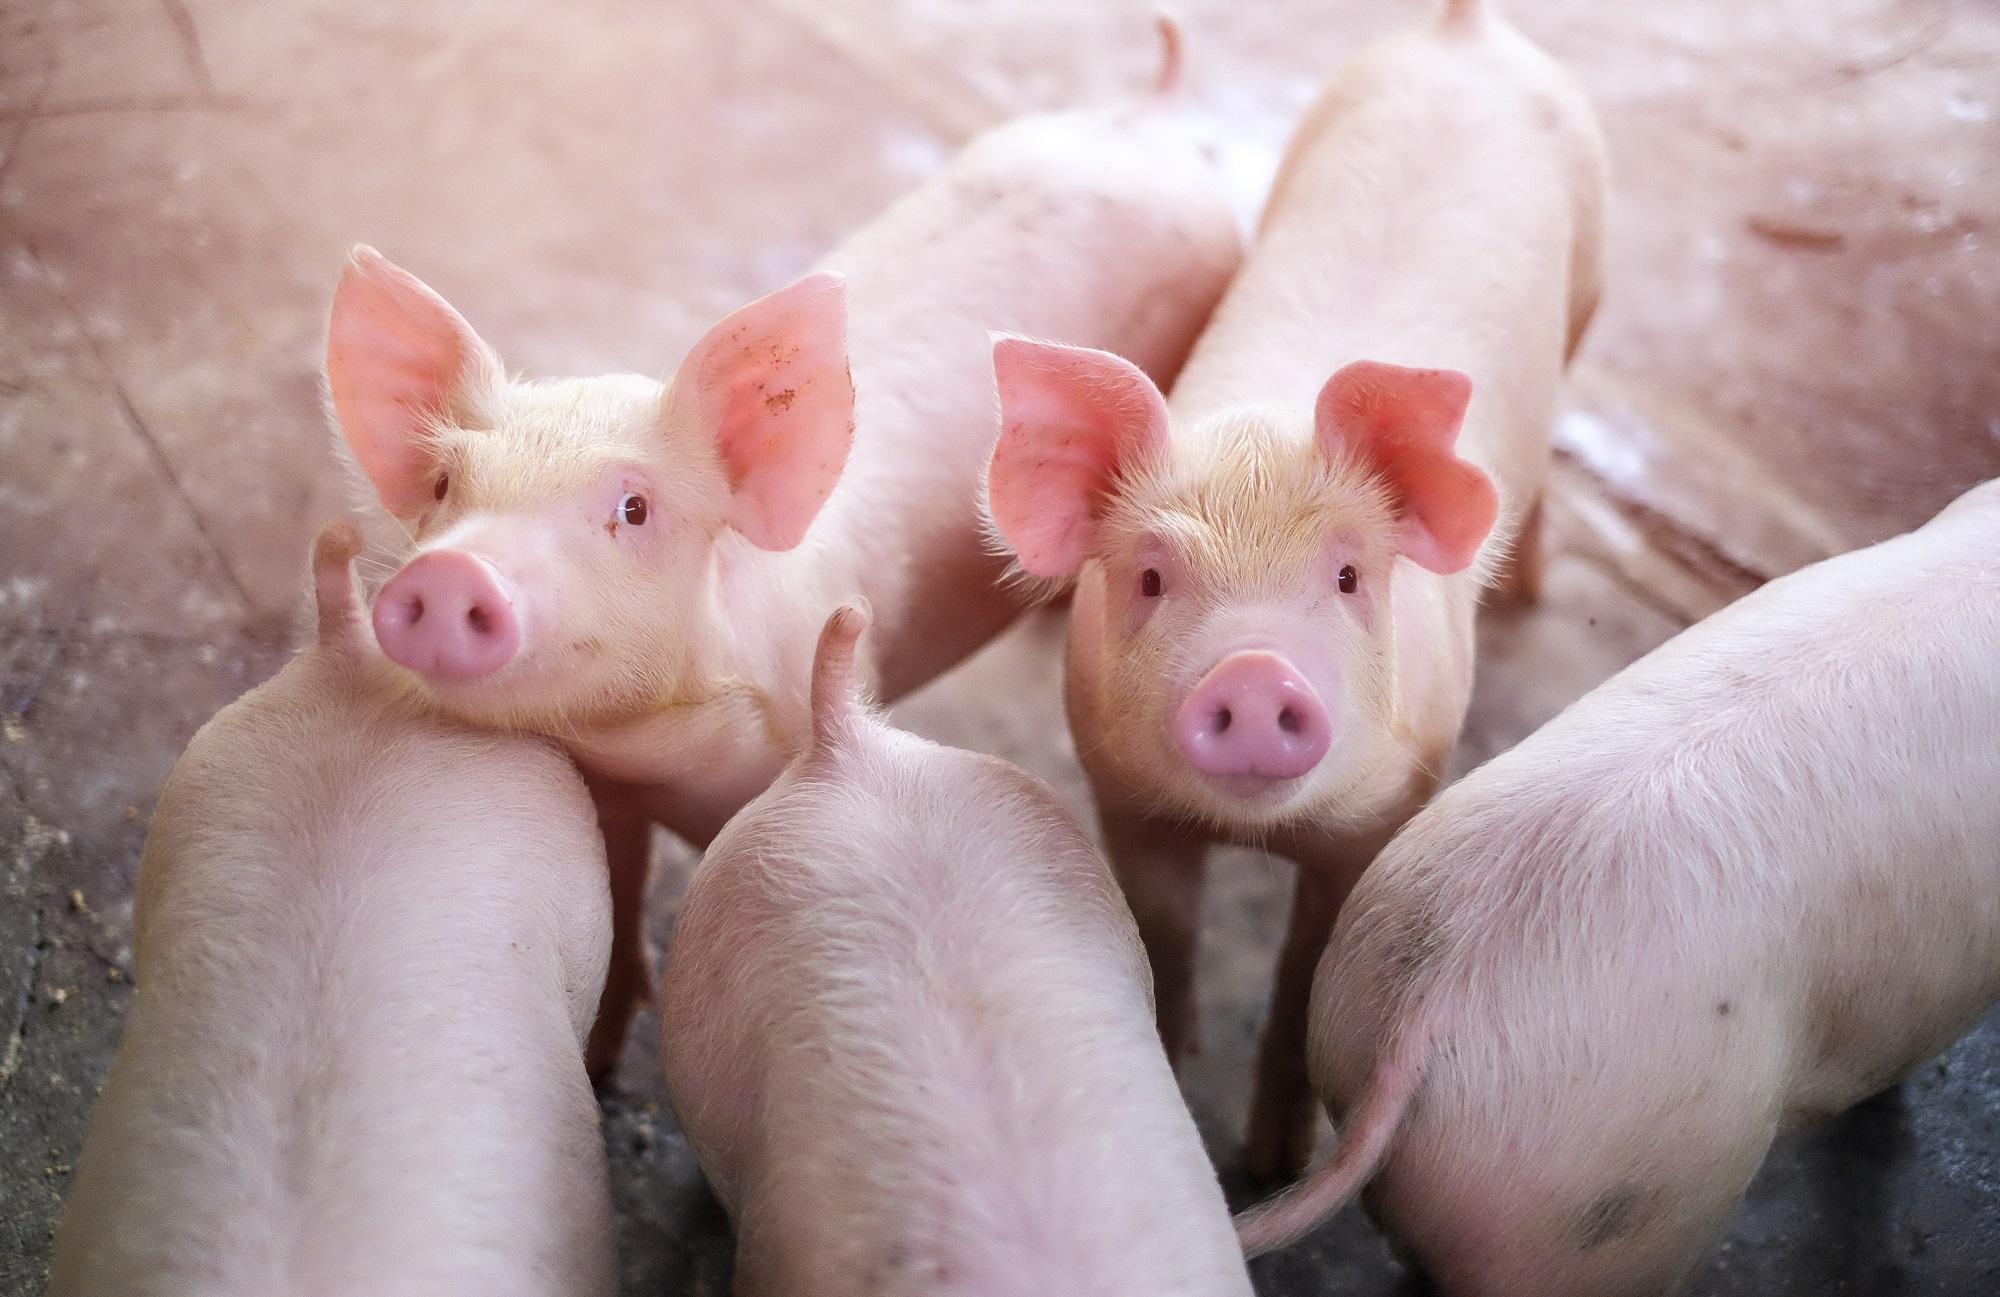 Cerdos - Cerdo Crecimiento AR Small